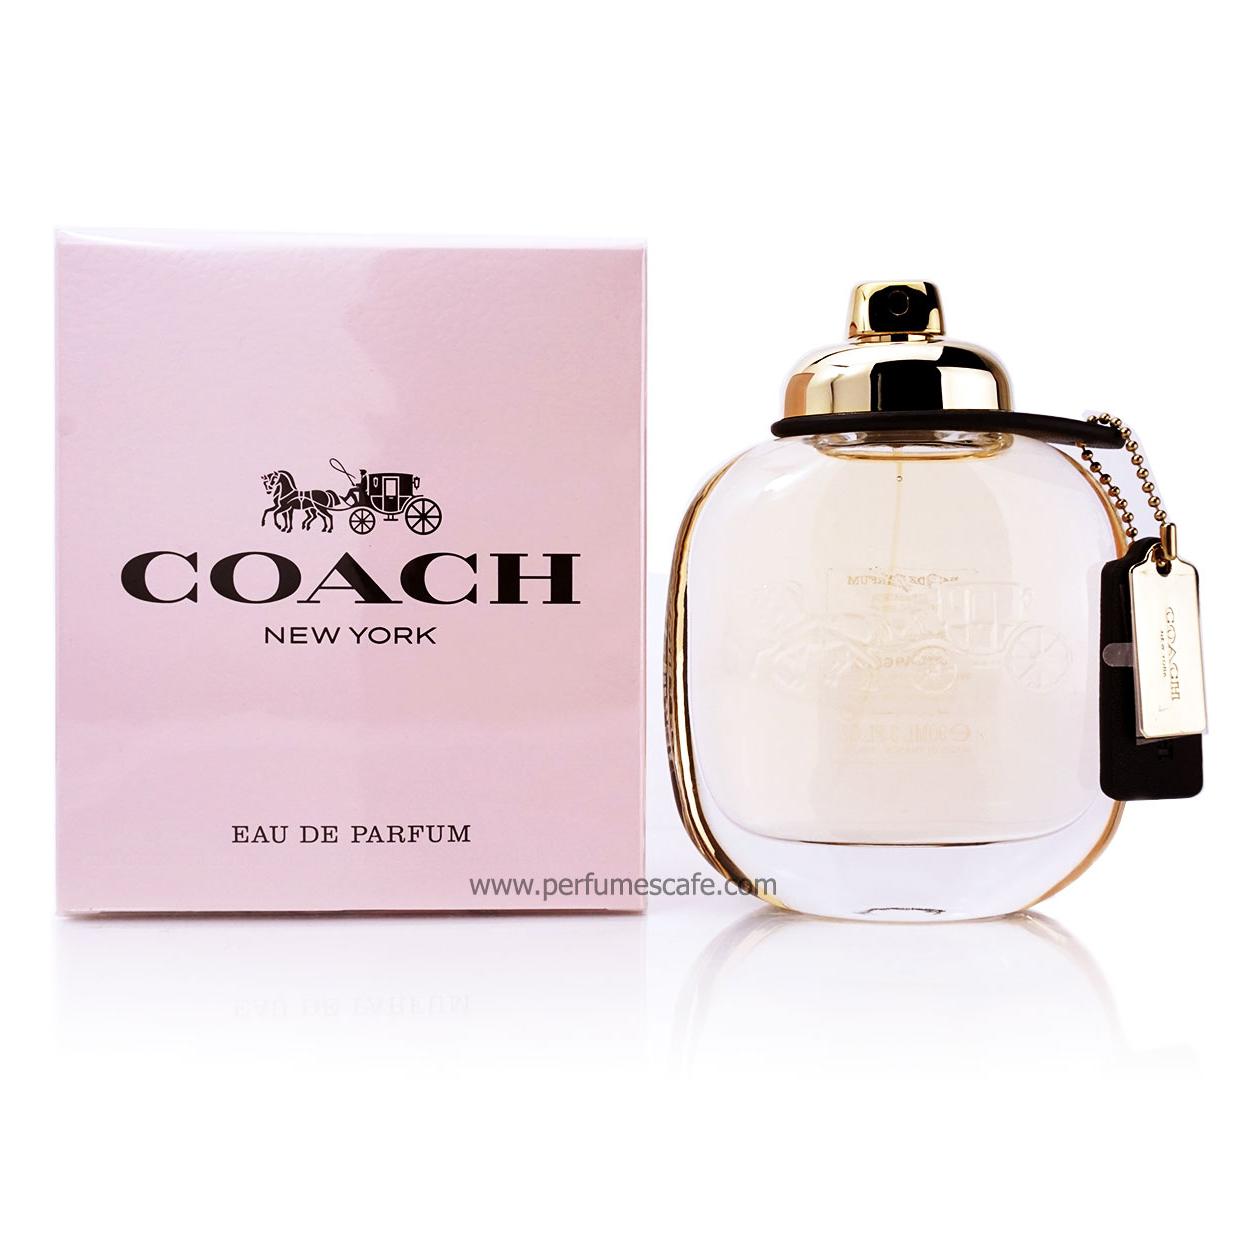 น้ำหอม Coach The Fragrance Eau De Parfum for women ขนาด 90 ml. กล่องซีล